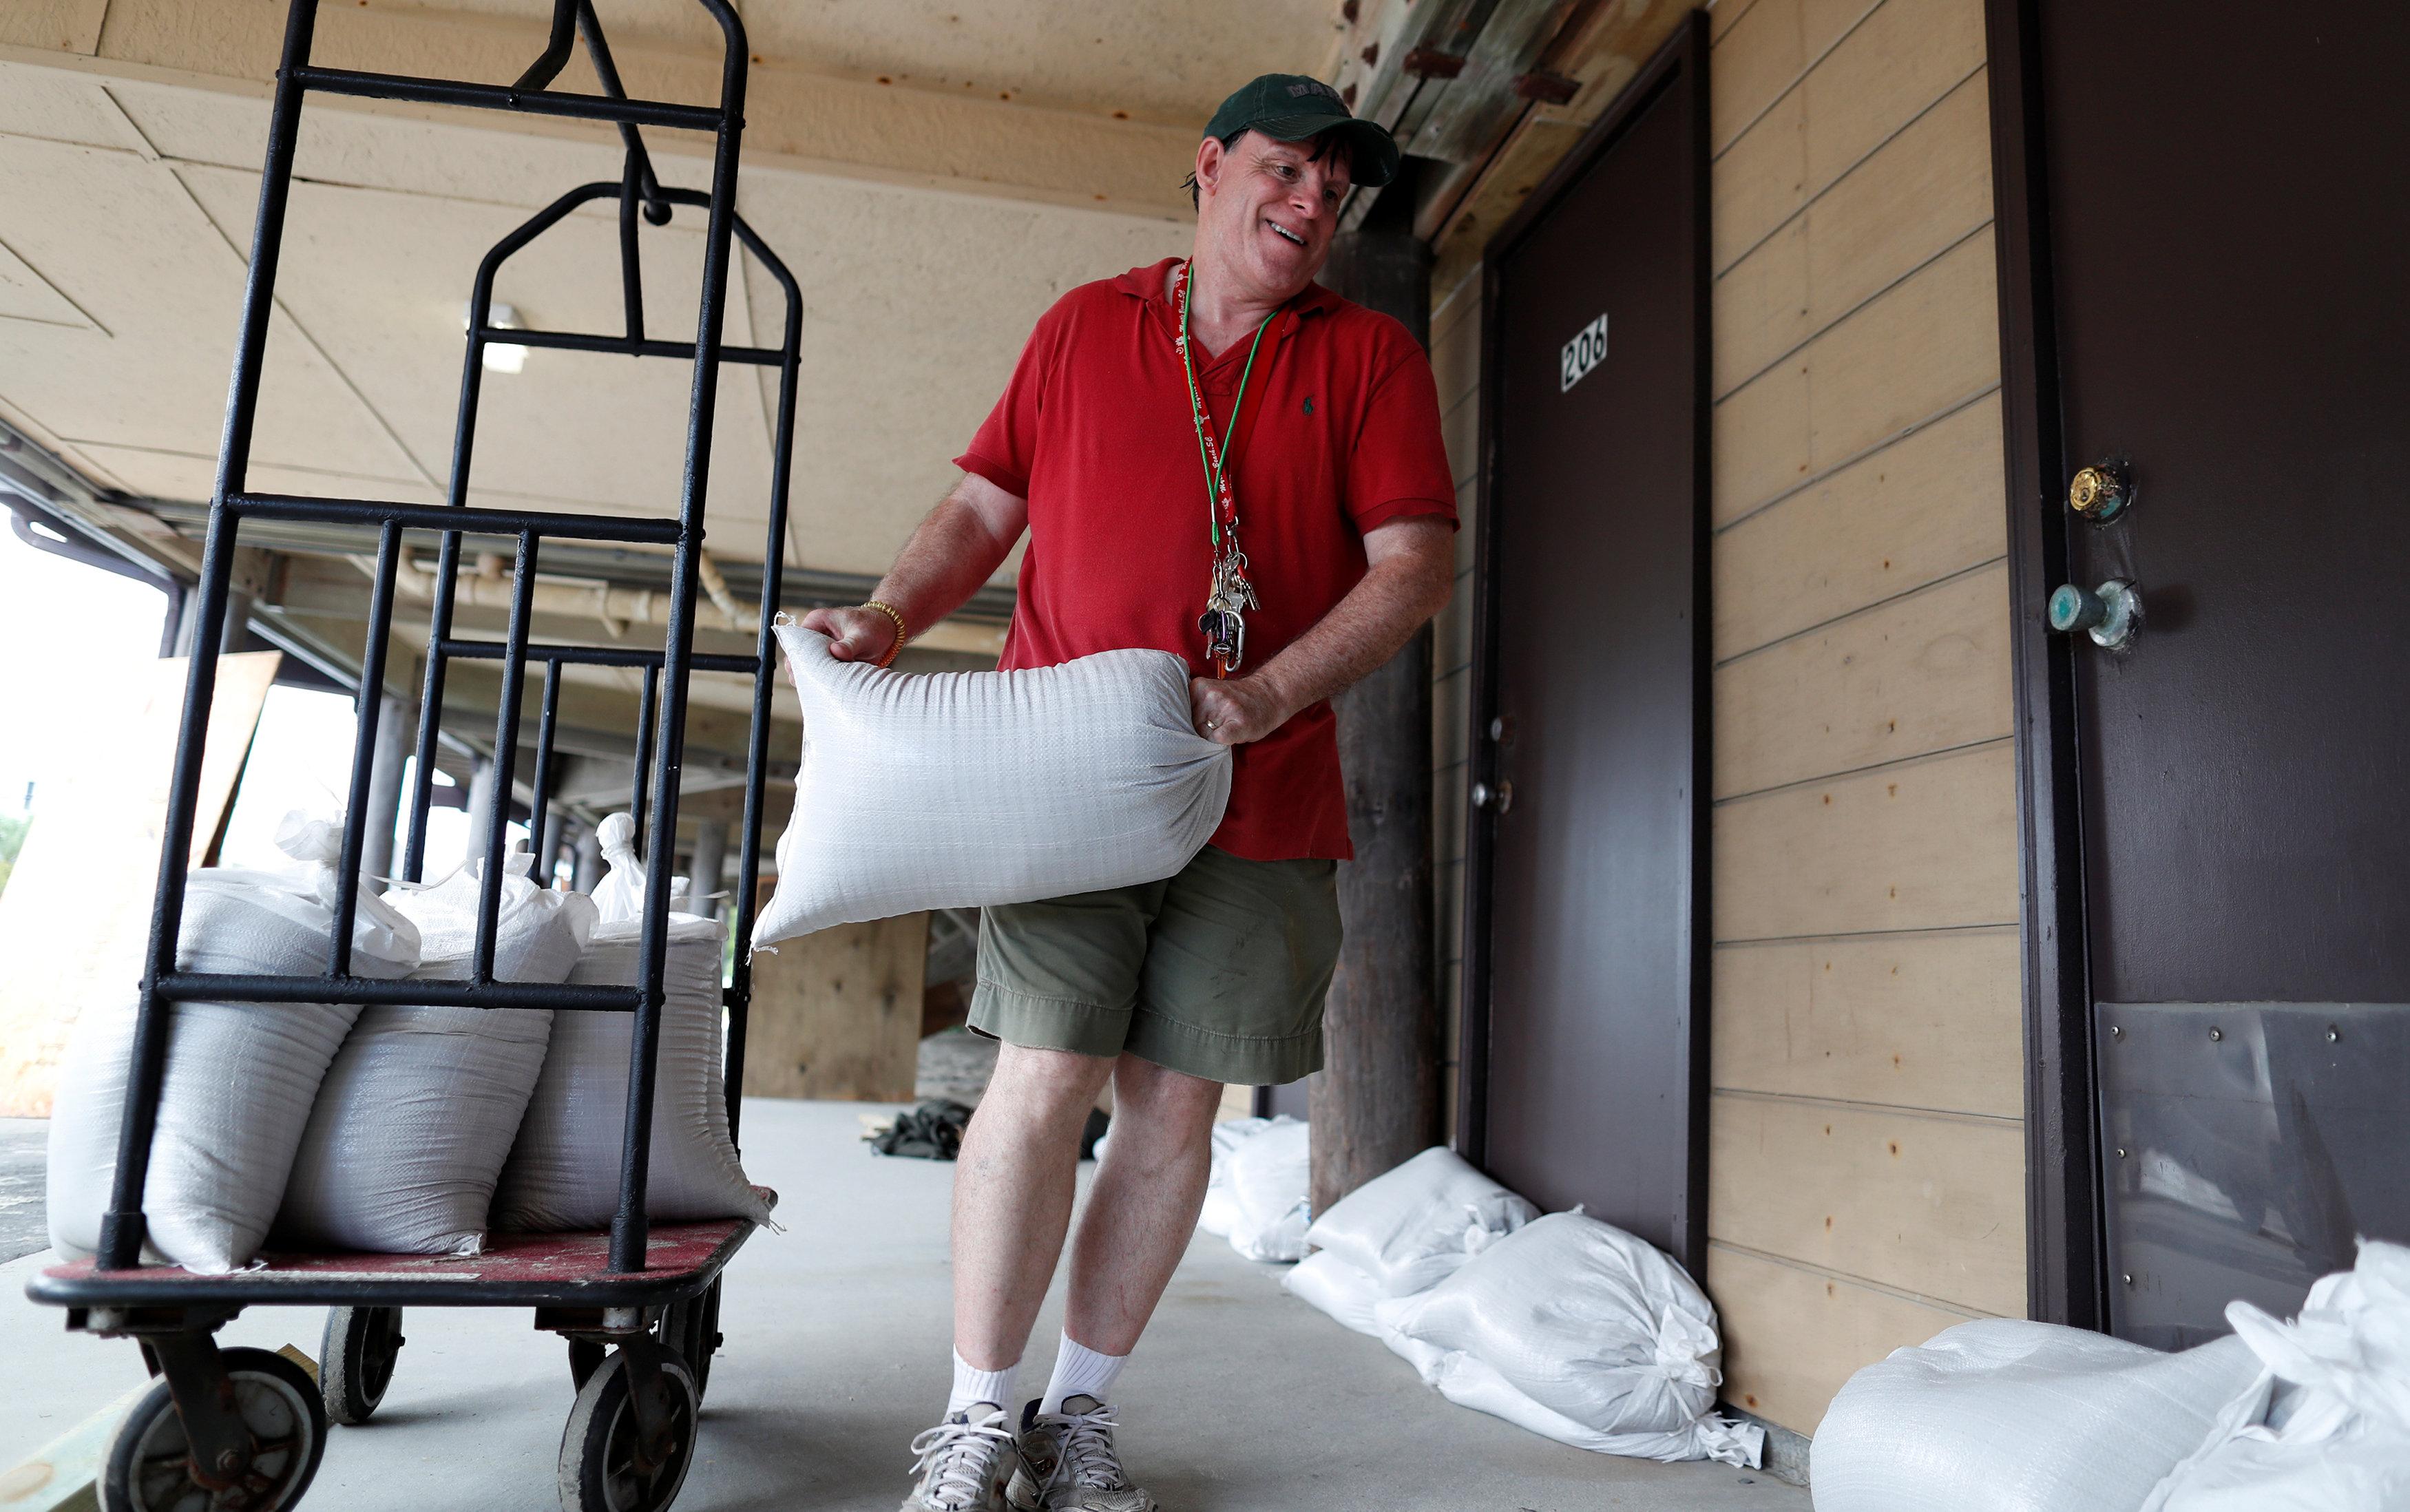 Habitantes colocan costales de arena en las puertas de sus casas para evitar el paso del agua por las lluvias que provoca el huracán.